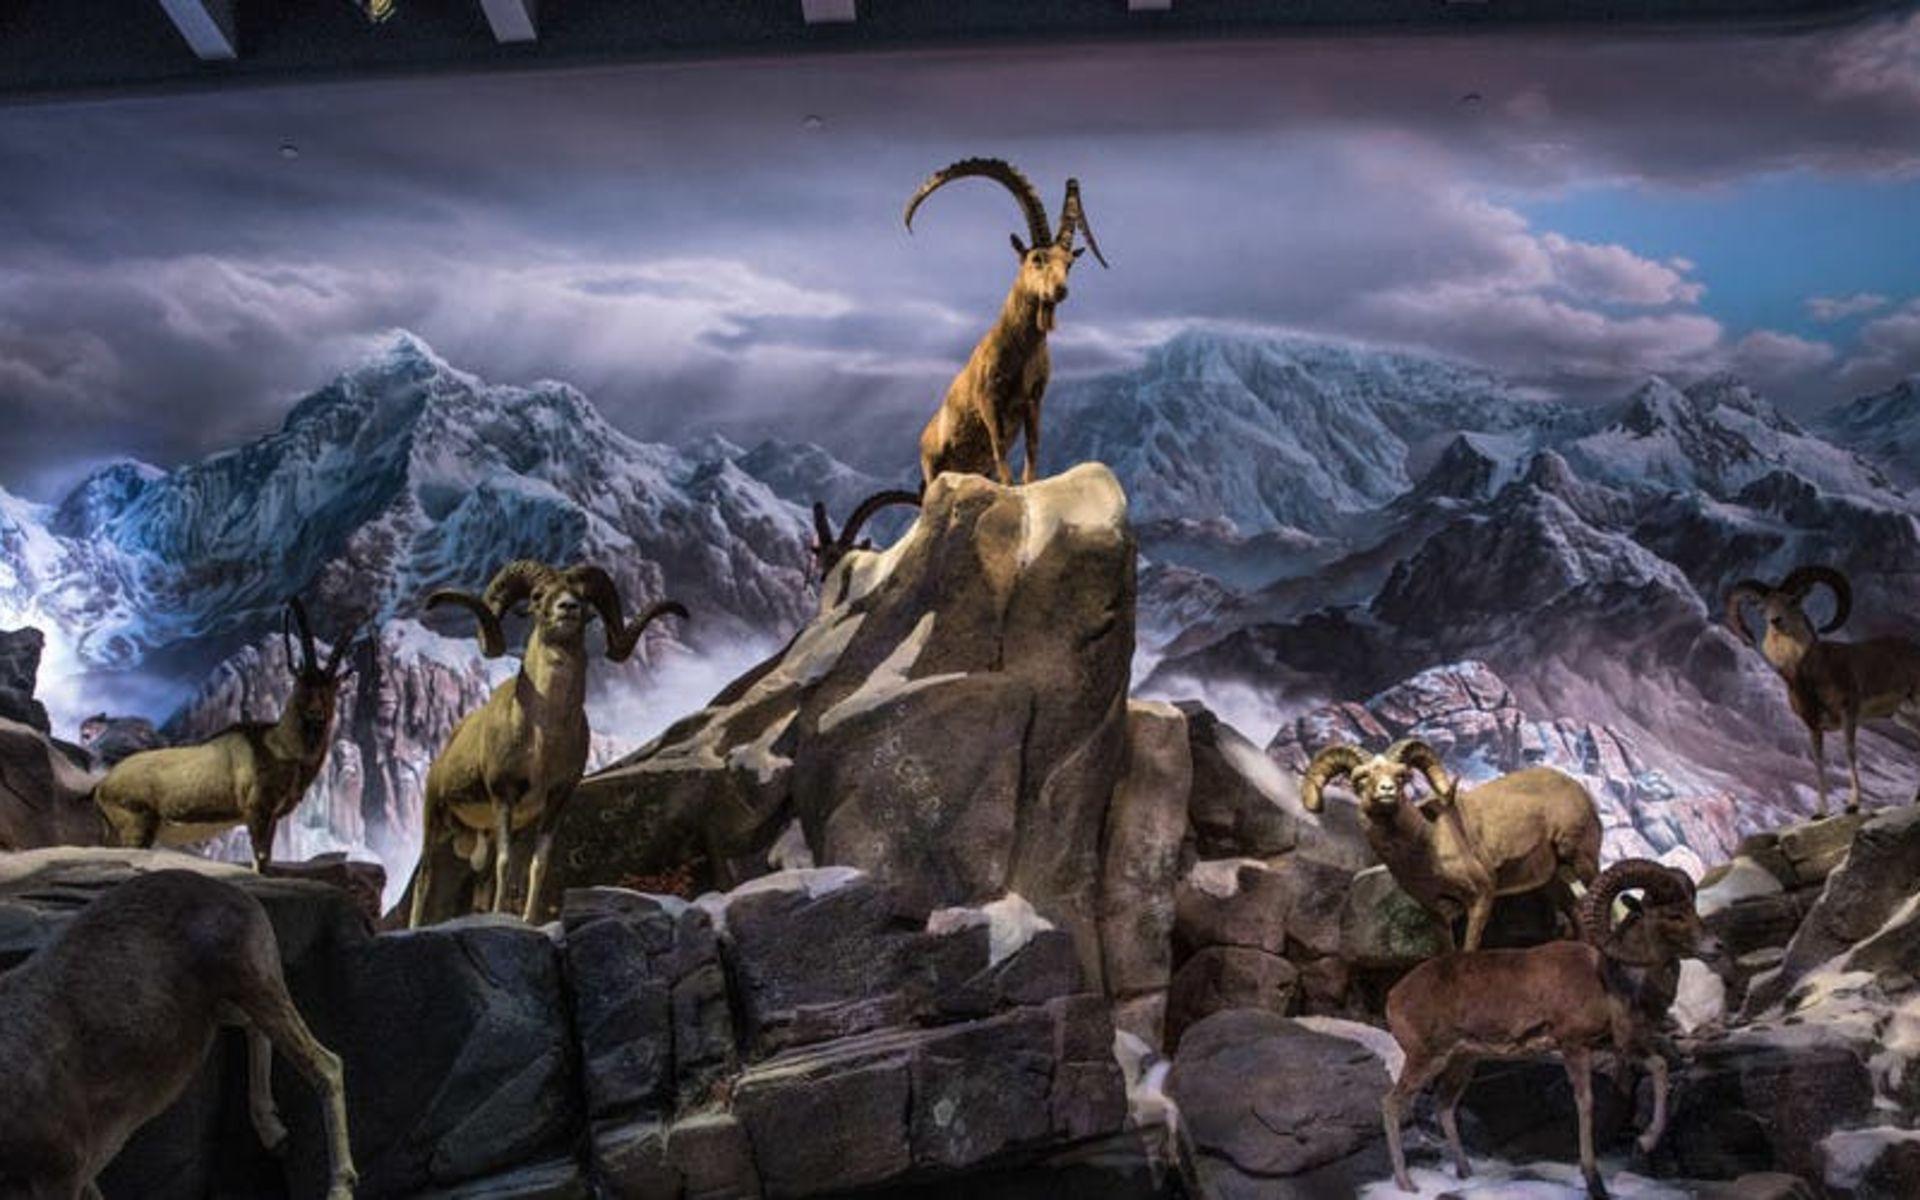 Wonders of Wildlife Sheep Exhibit